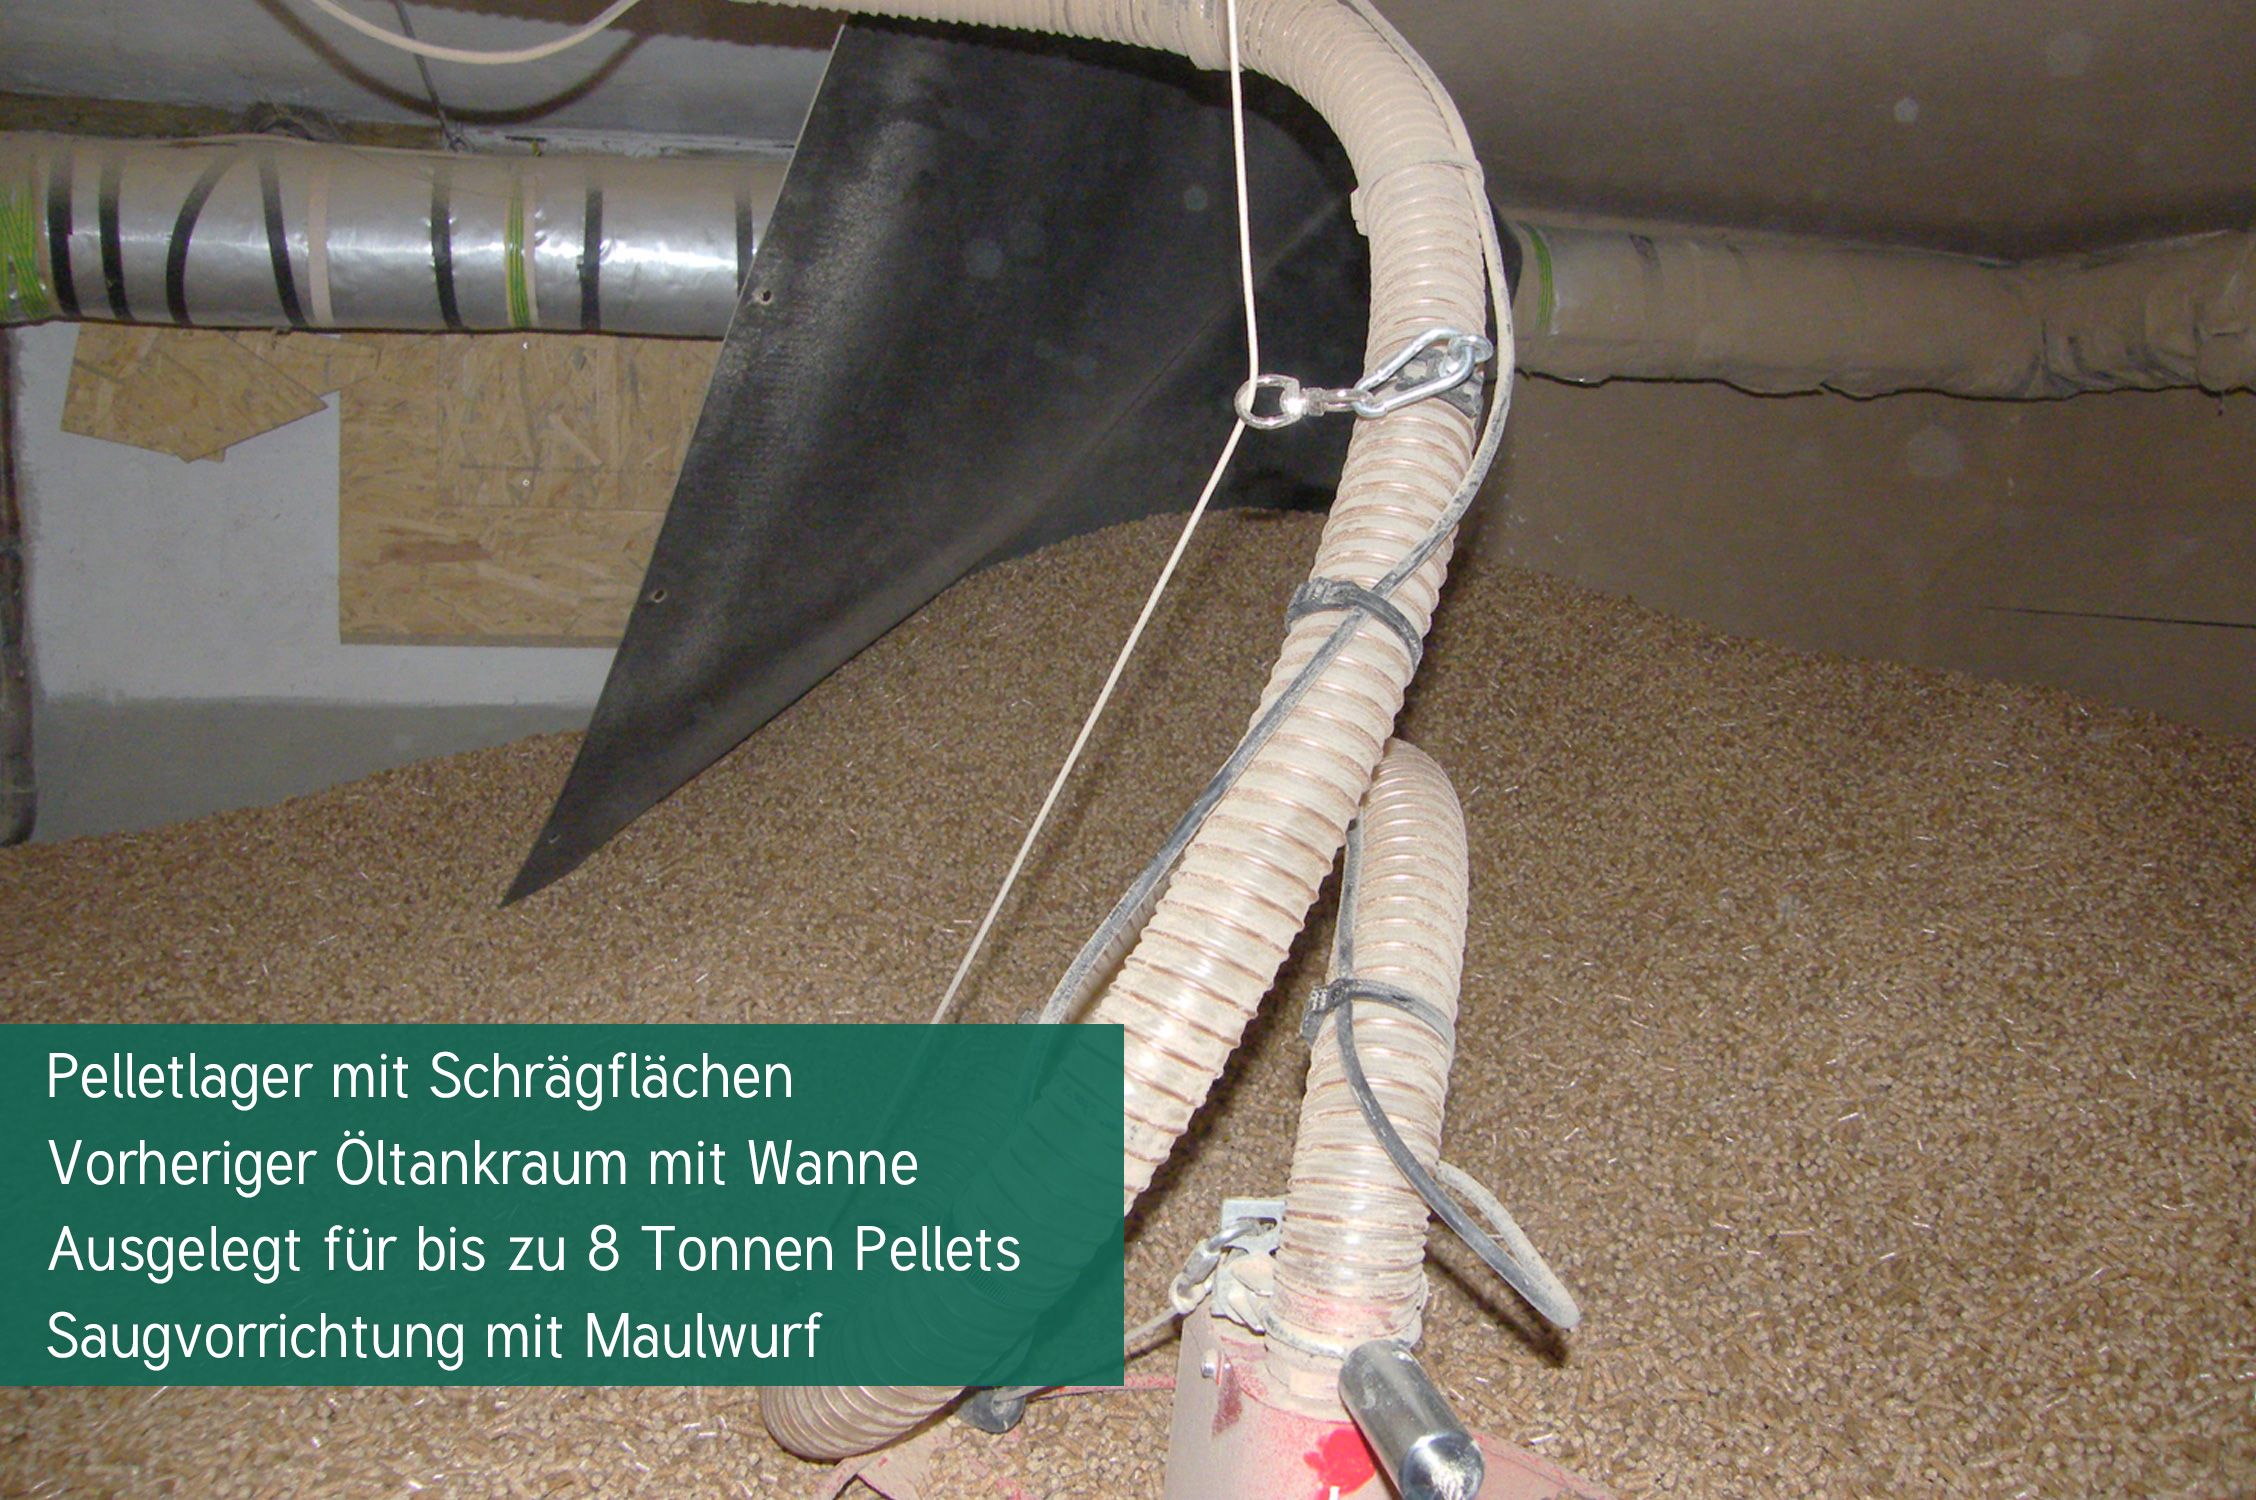 öltankentsorgung Hamburg pelletheizung und solarthermie in reinbek herr höfs